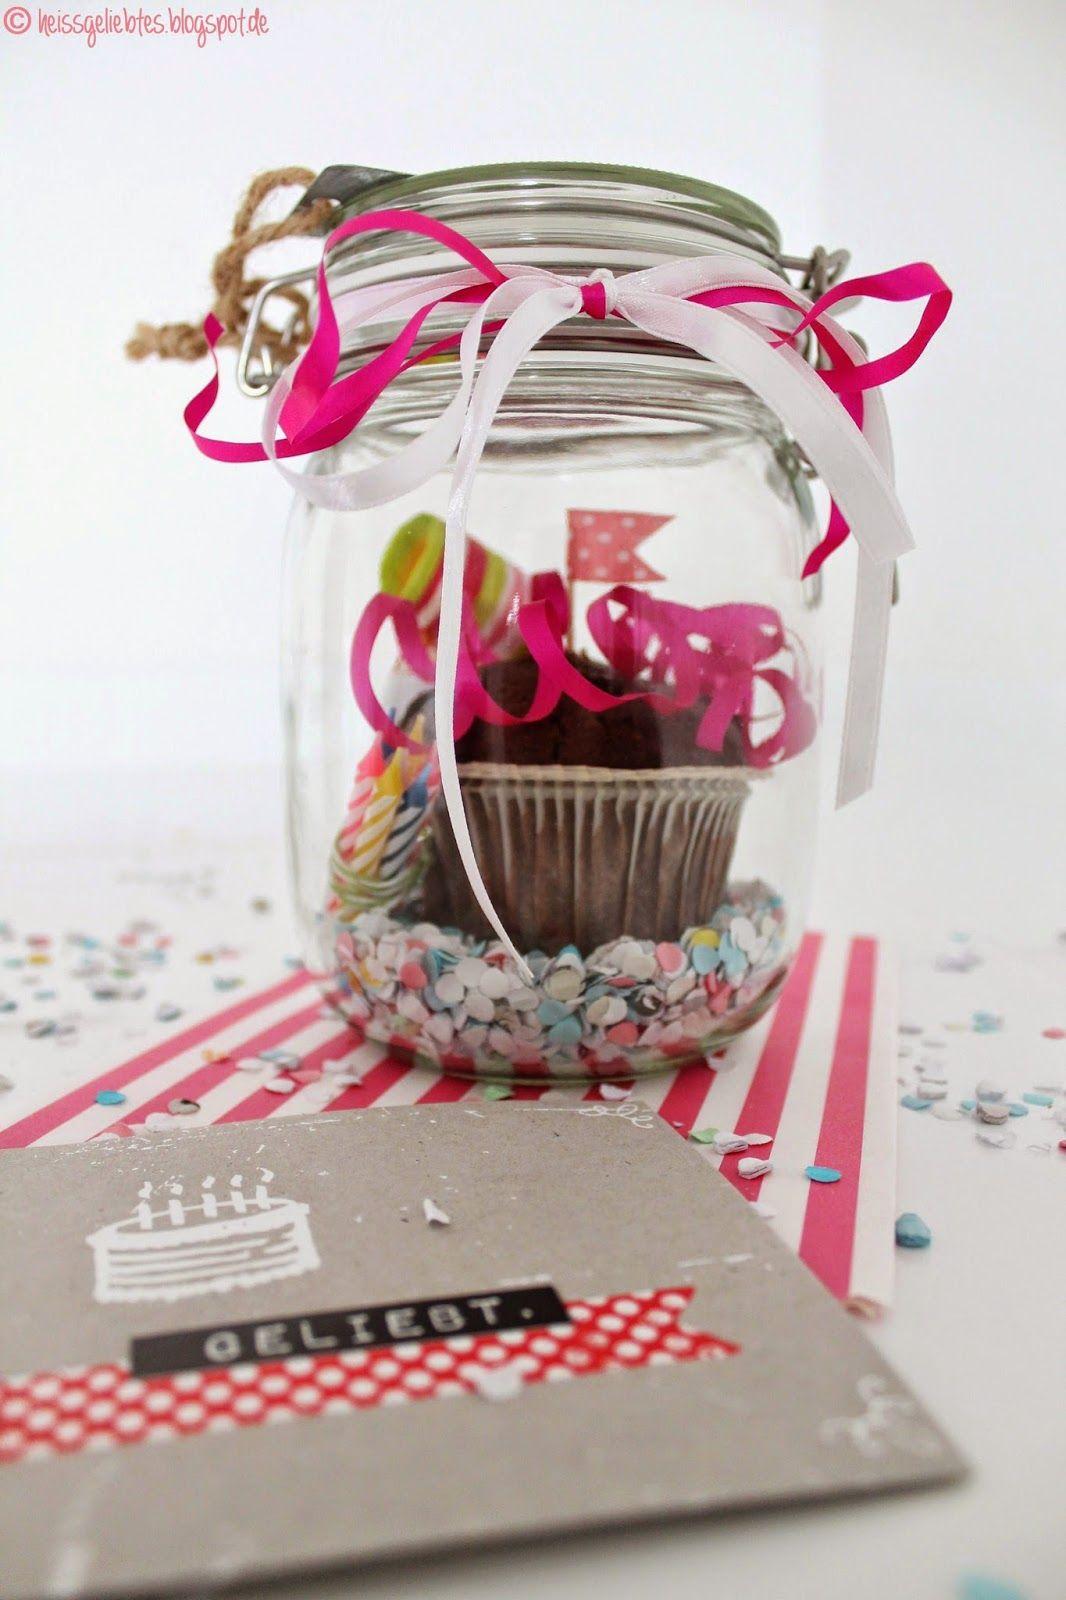 diy birthday in a jar geburtstag im glas muffin gift geschenk konfetti present diy pinterest. Black Bedroom Furniture Sets. Home Design Ideas